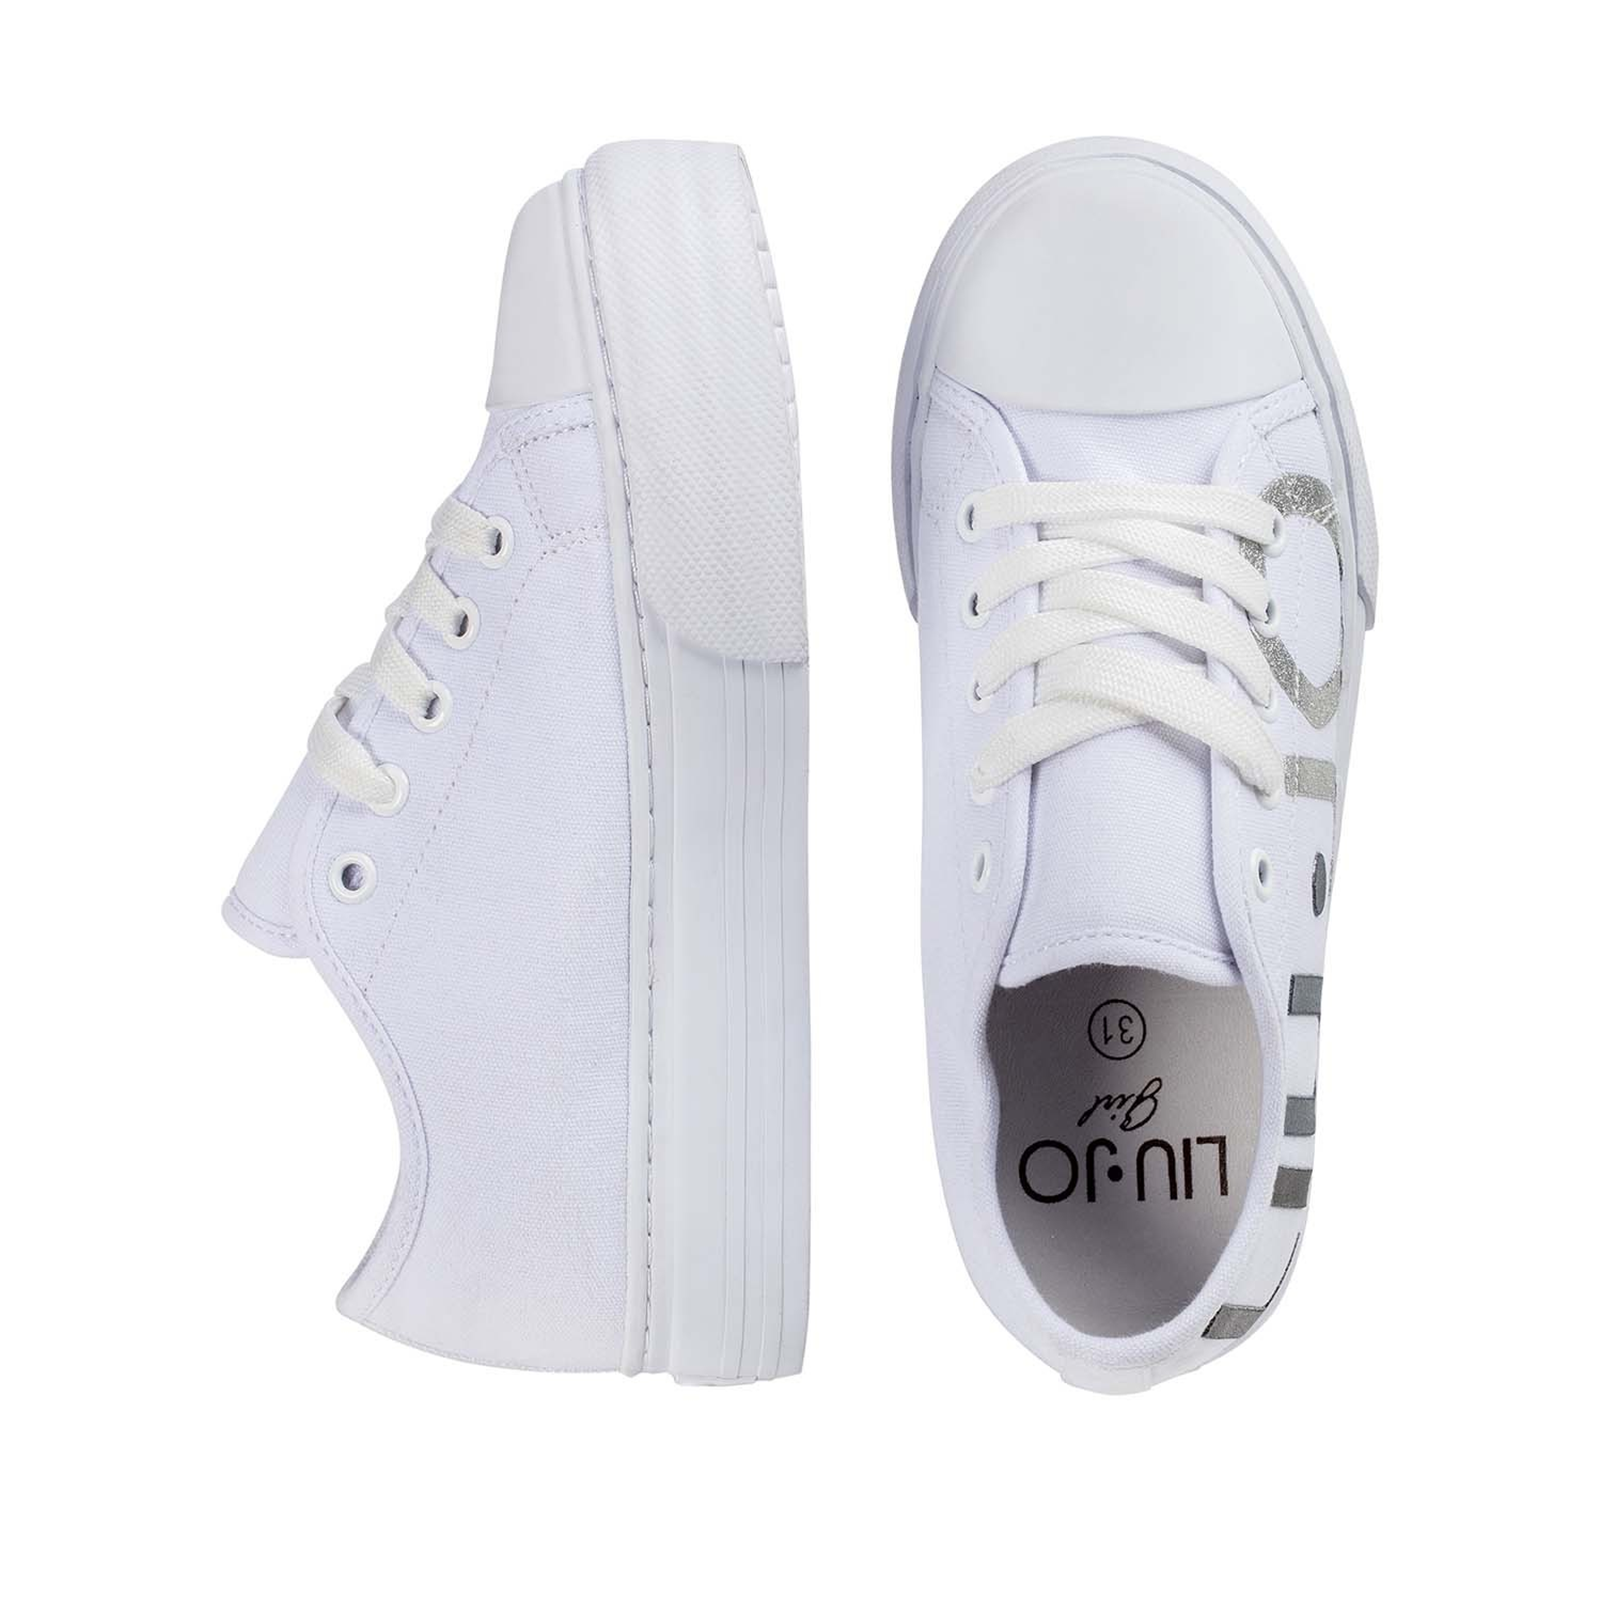 Scarpe sneaker Liu Jo donna 20251 colore bianco dal 36-40 listino € 89 5f865497a87